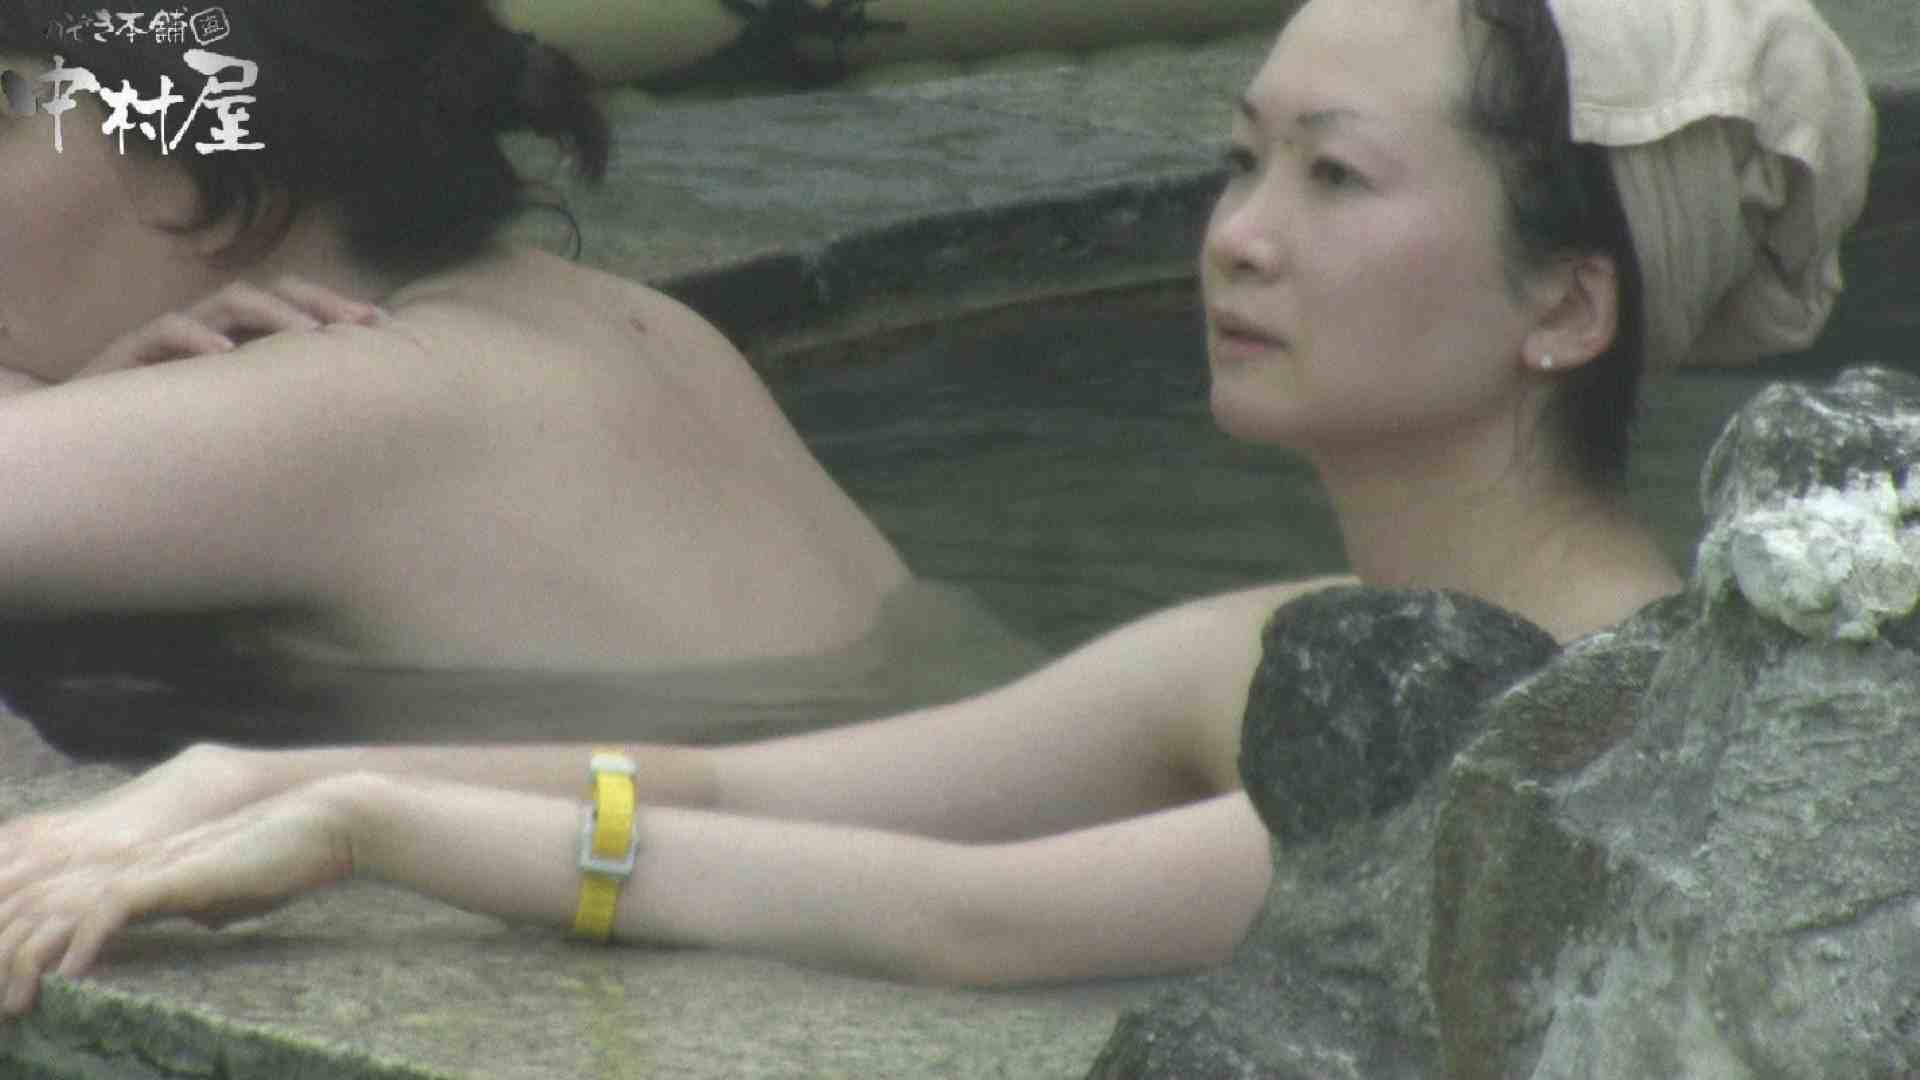 Aquaな露天風呂Vol.906 盗撮 オメコ動画キャプチャ 29PICs 17